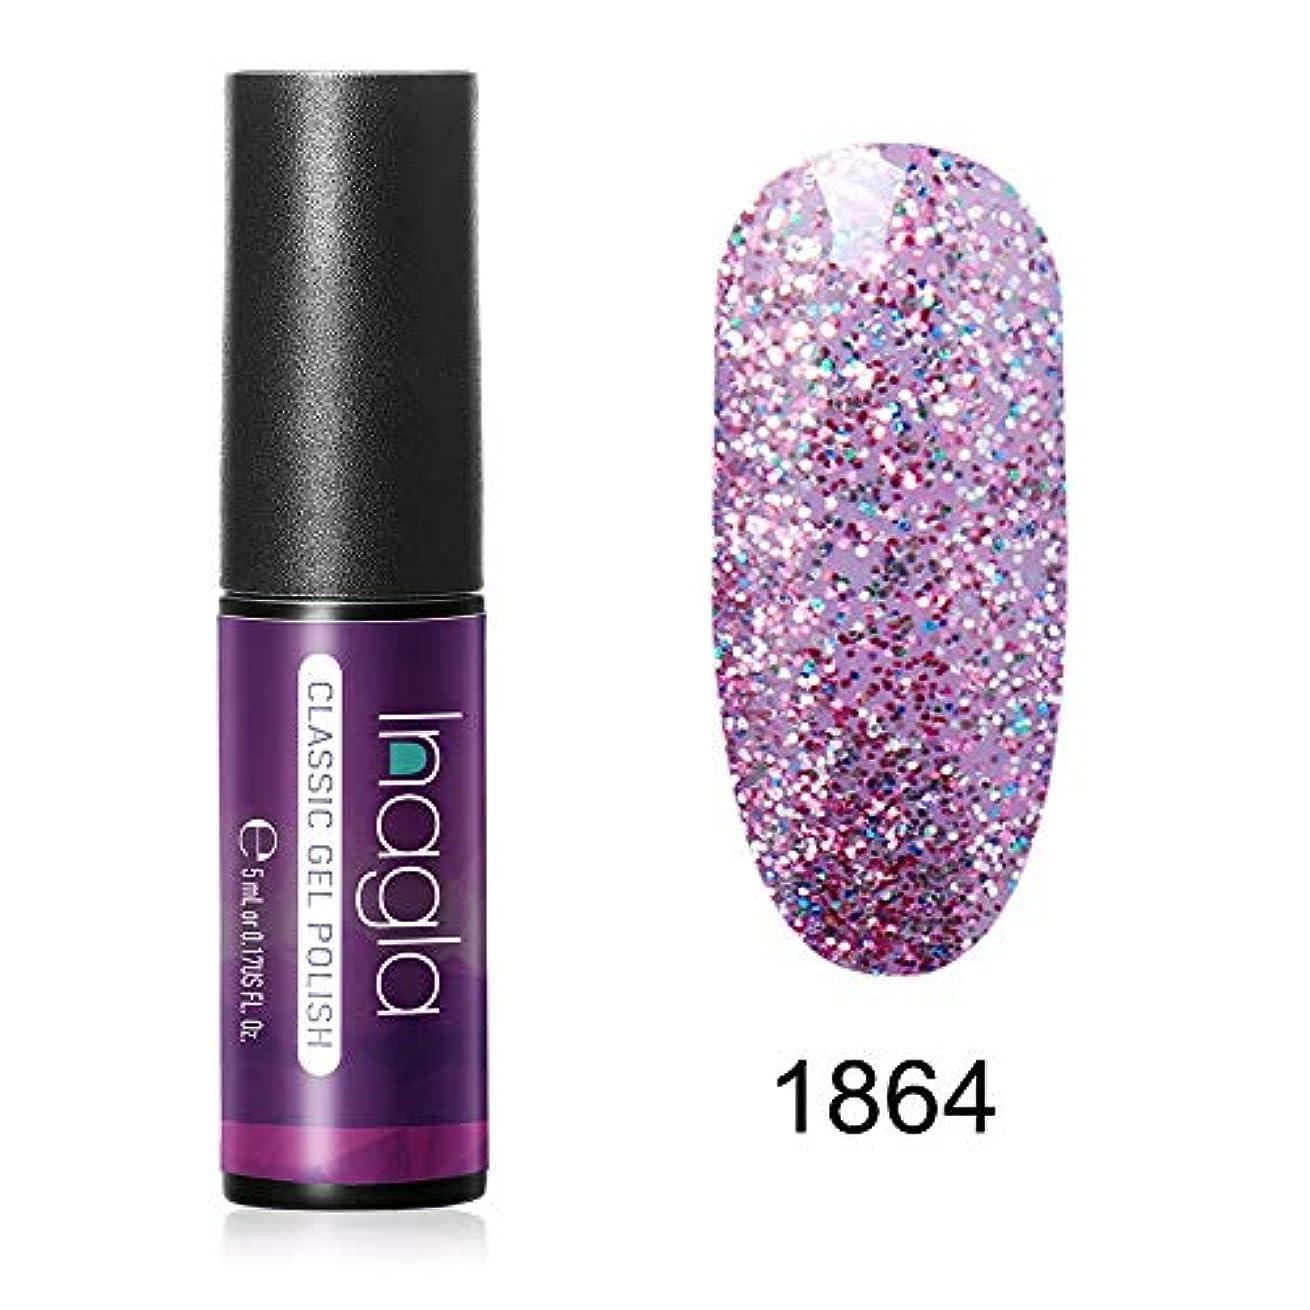 可塑性細胞その他Inagla ジェルネイル カラージェル カラー系 1色入り 5ml-1864